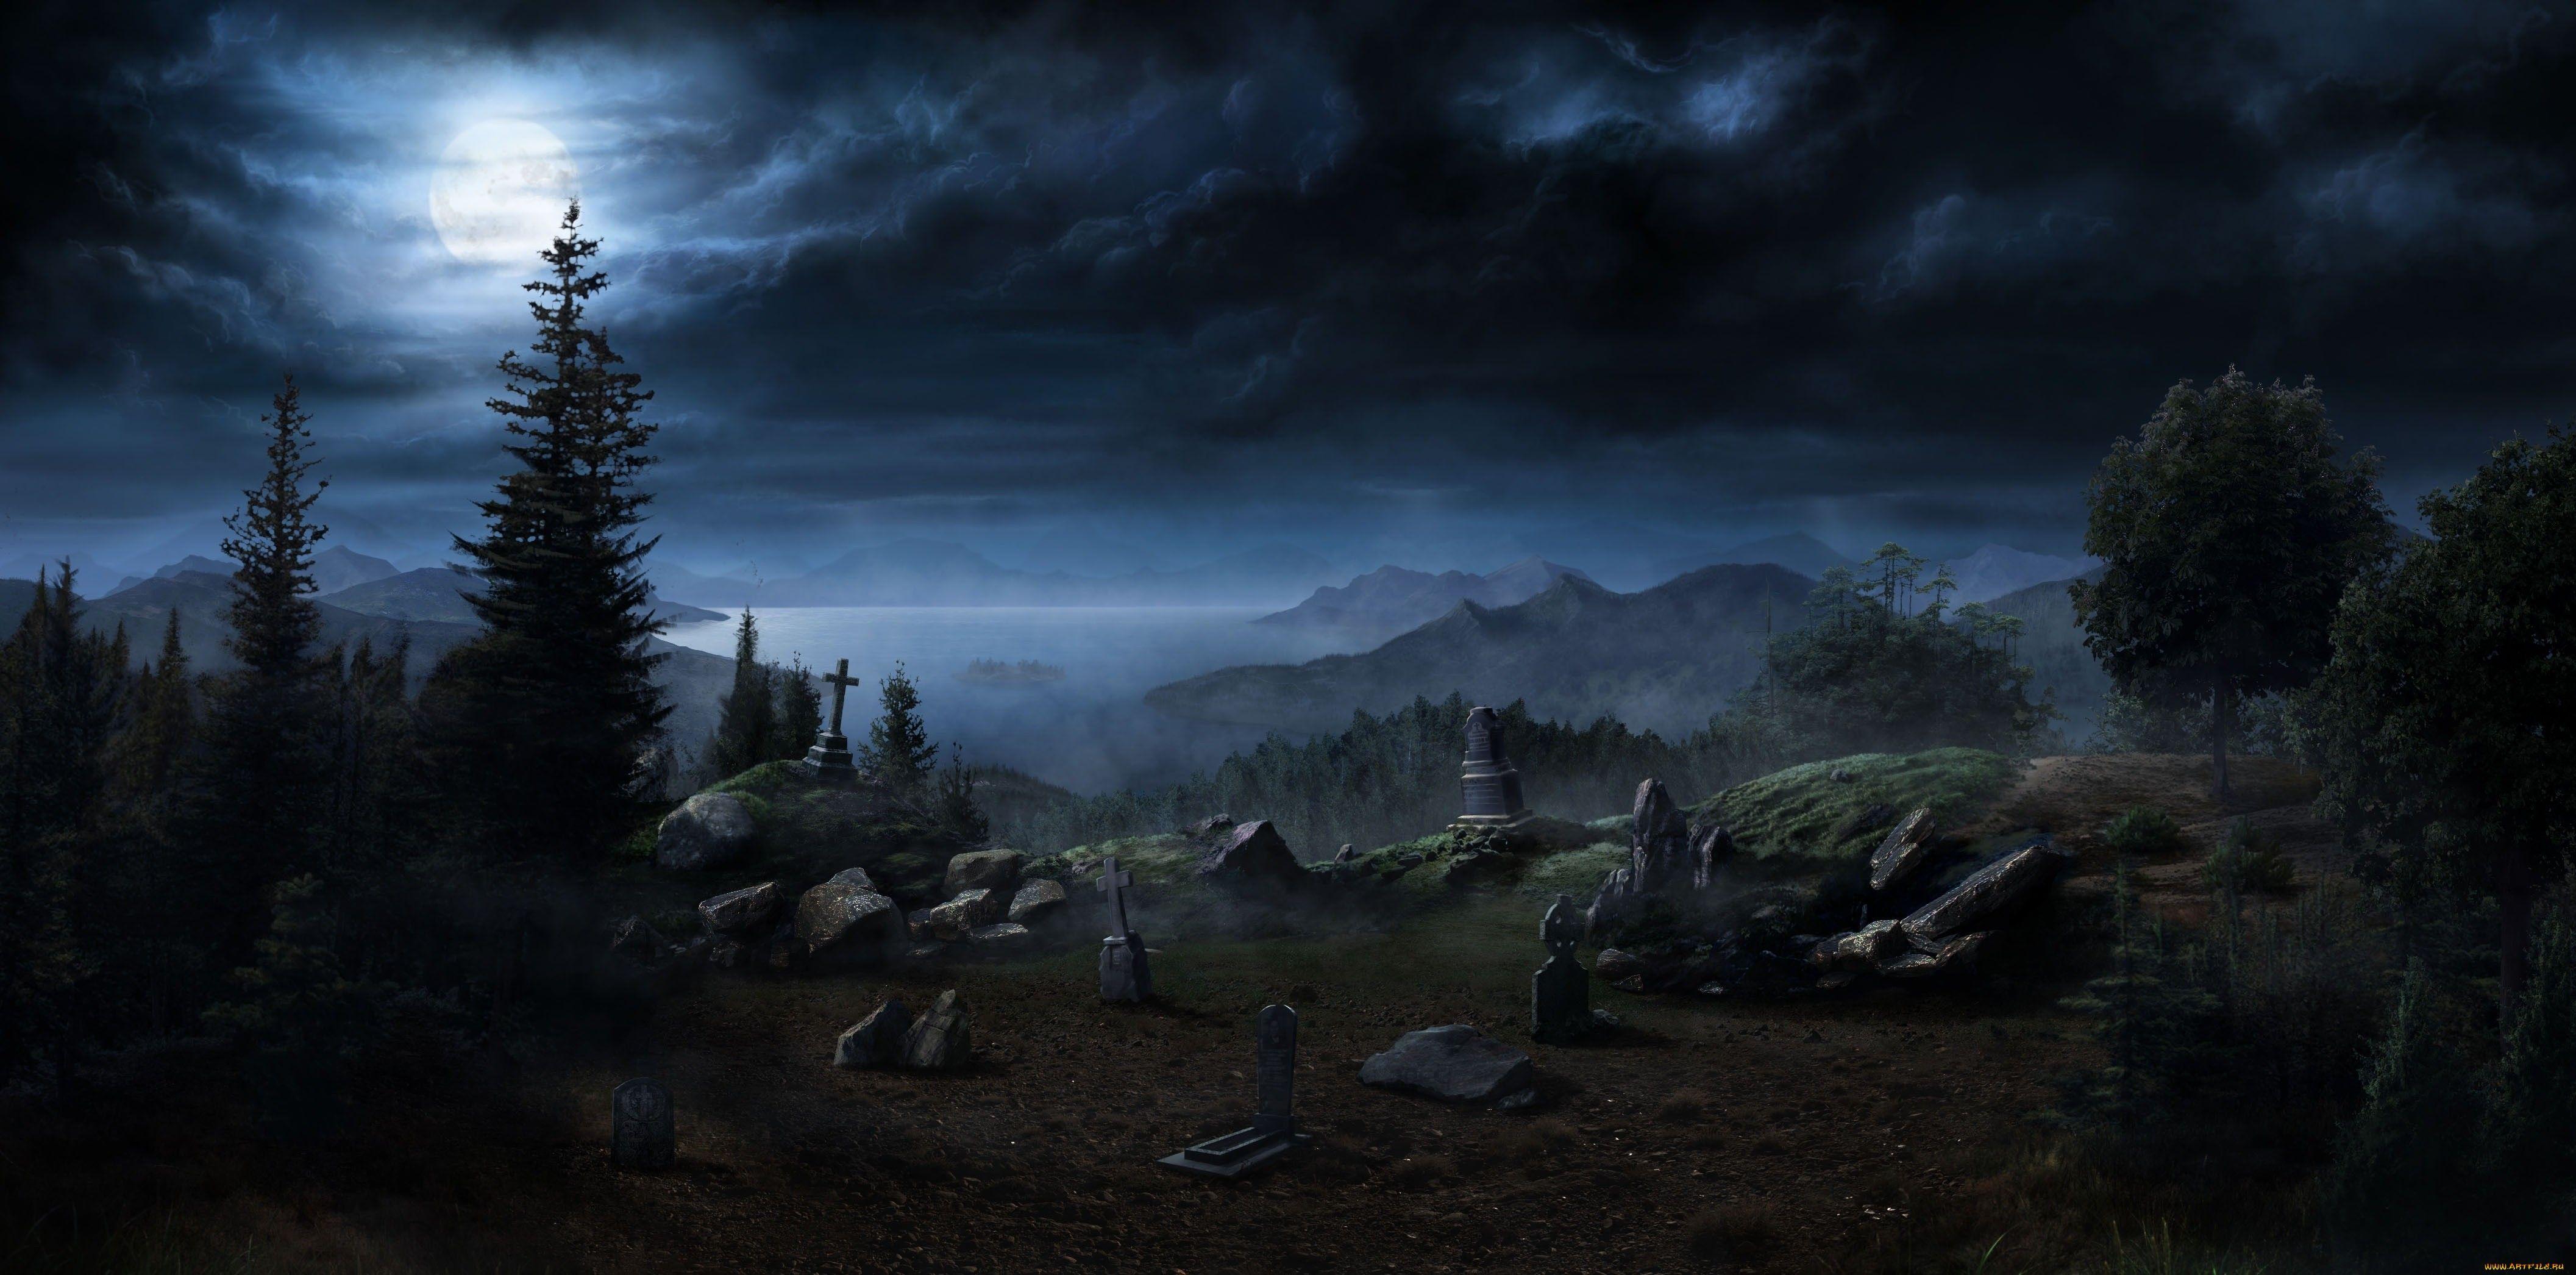 1f177f73a9d1964f53eab2ae2802c3ce - Мистические истории из жизни: Черный Всадник и Джемми Нолан